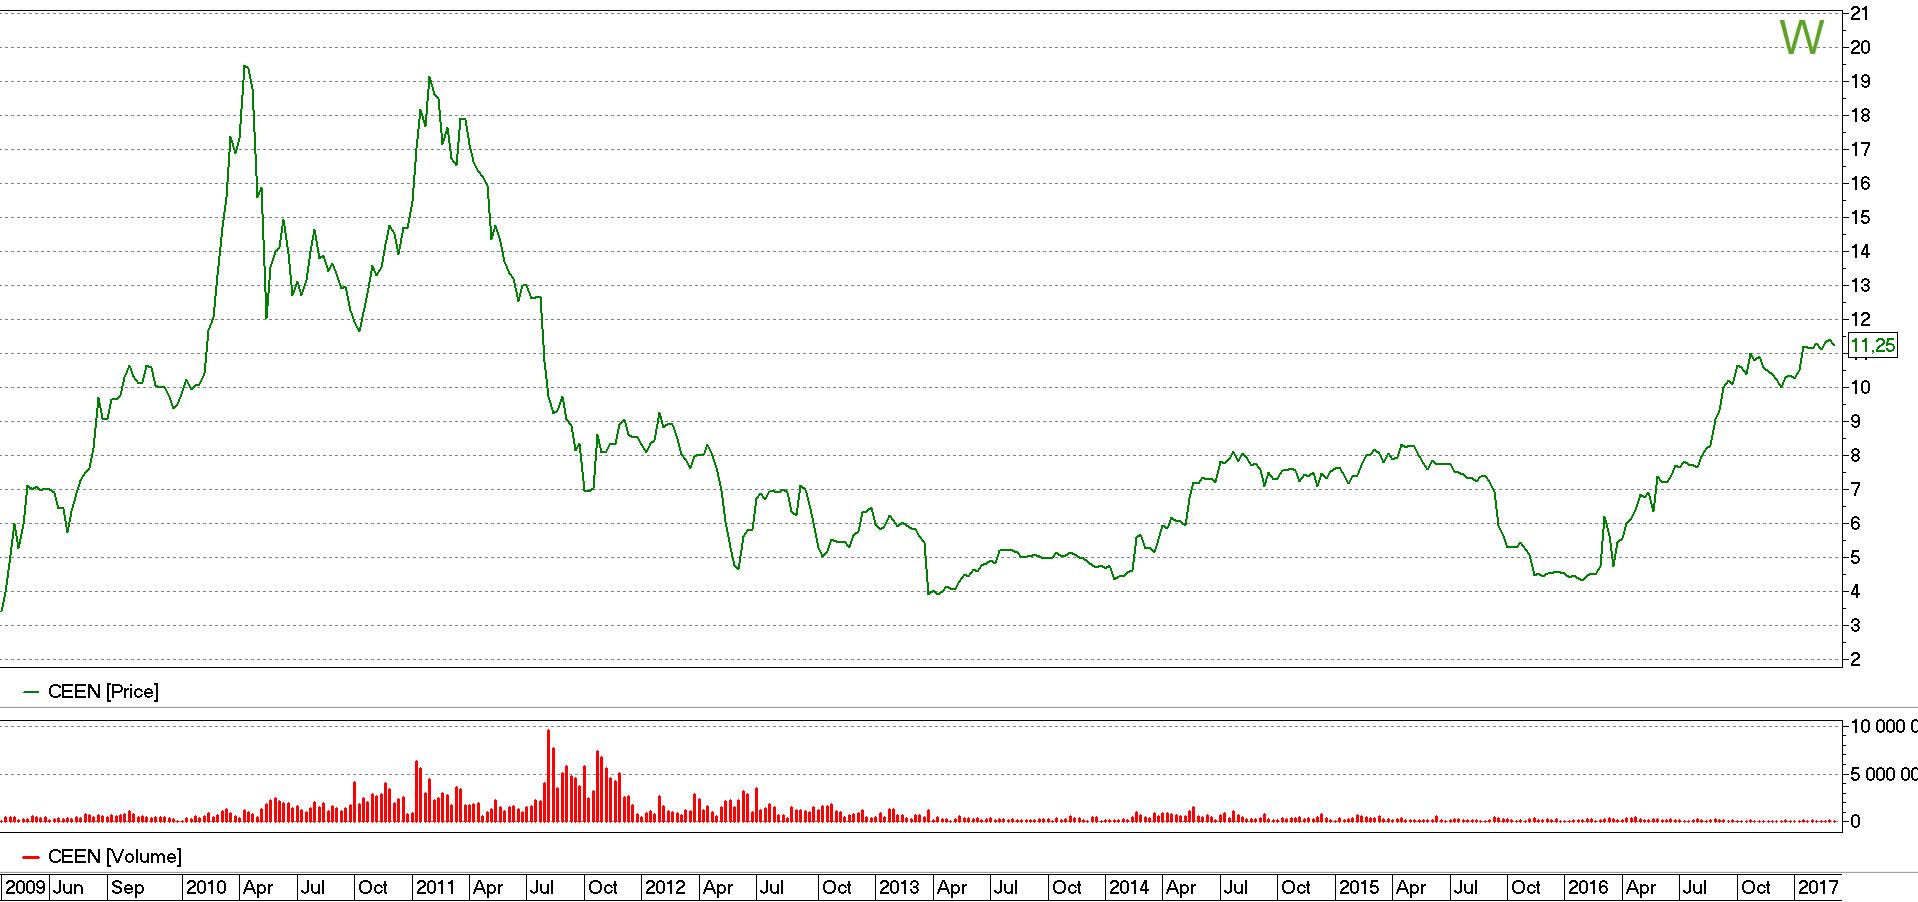 Стоимость акций Центрэнерго